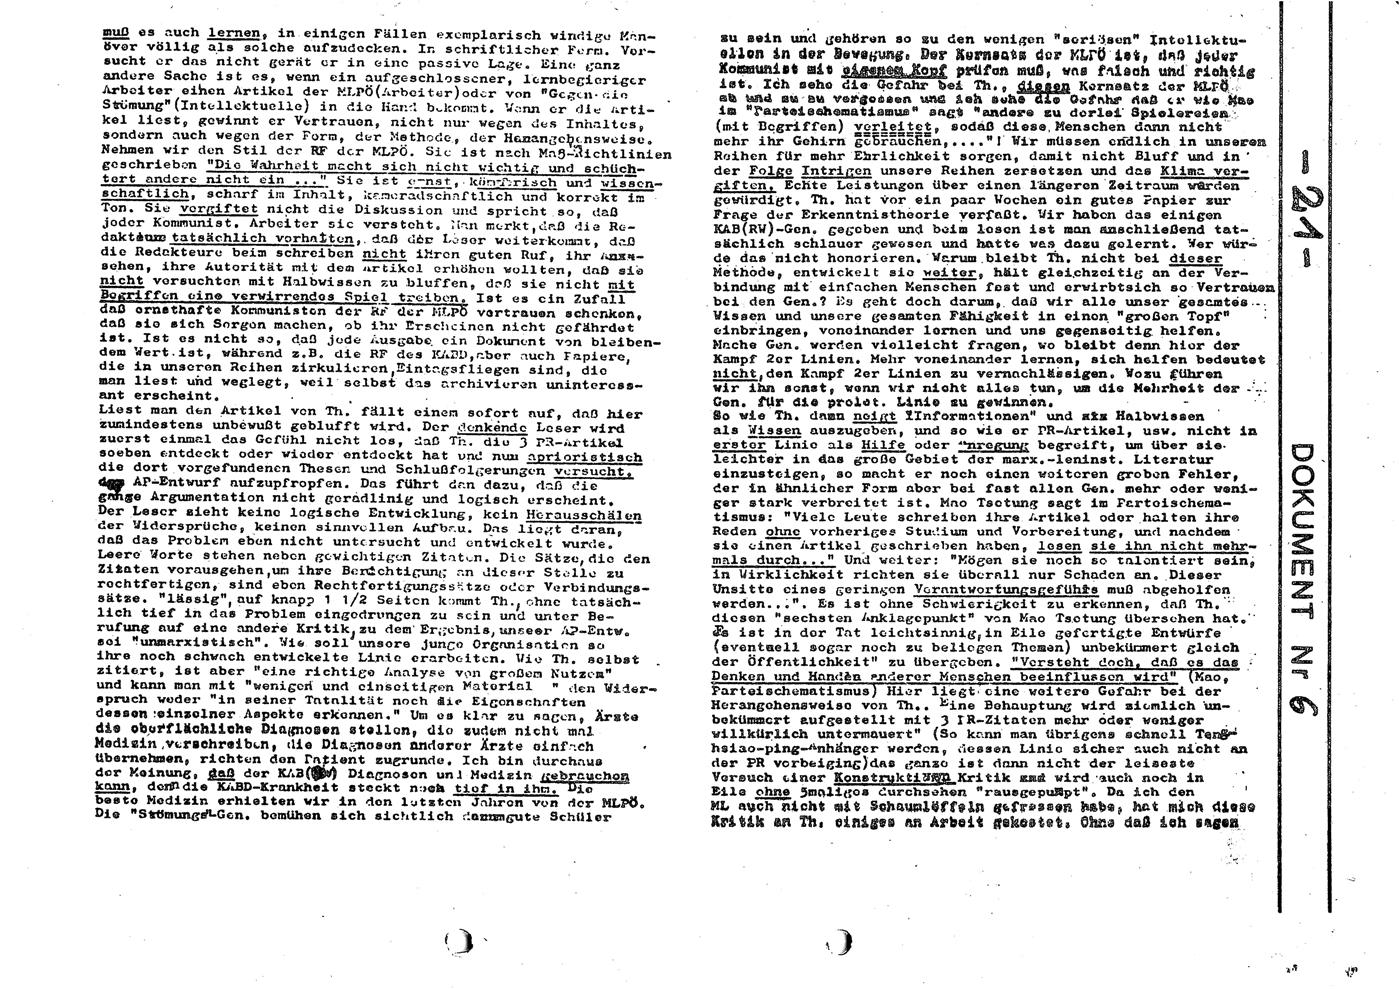 KABRW_Arbeitshefte_1977_24_021